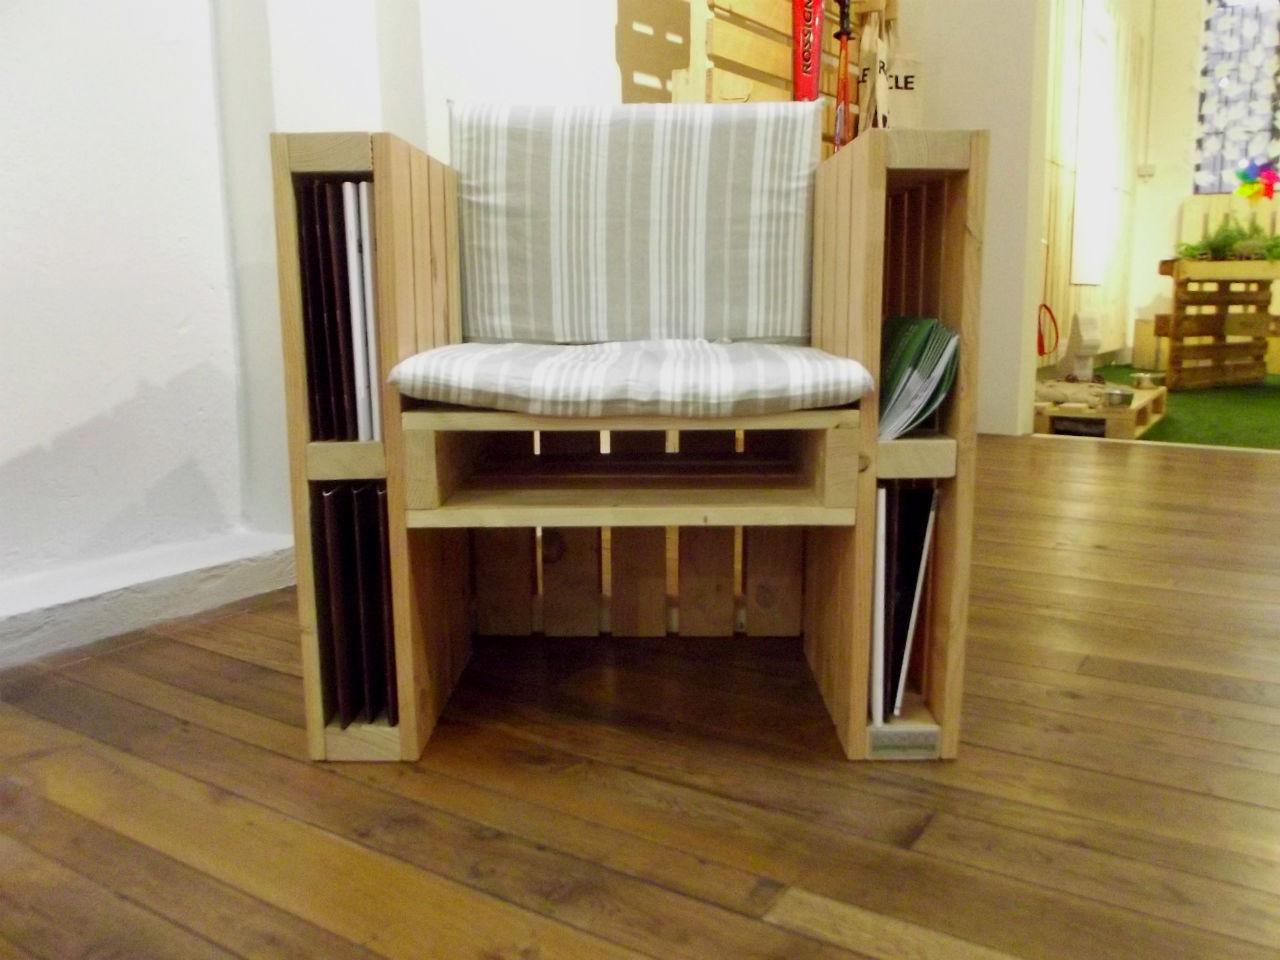 800 1200 eco design qui tutto fatto con i pallet lifegate for Arredamento con bancali legno